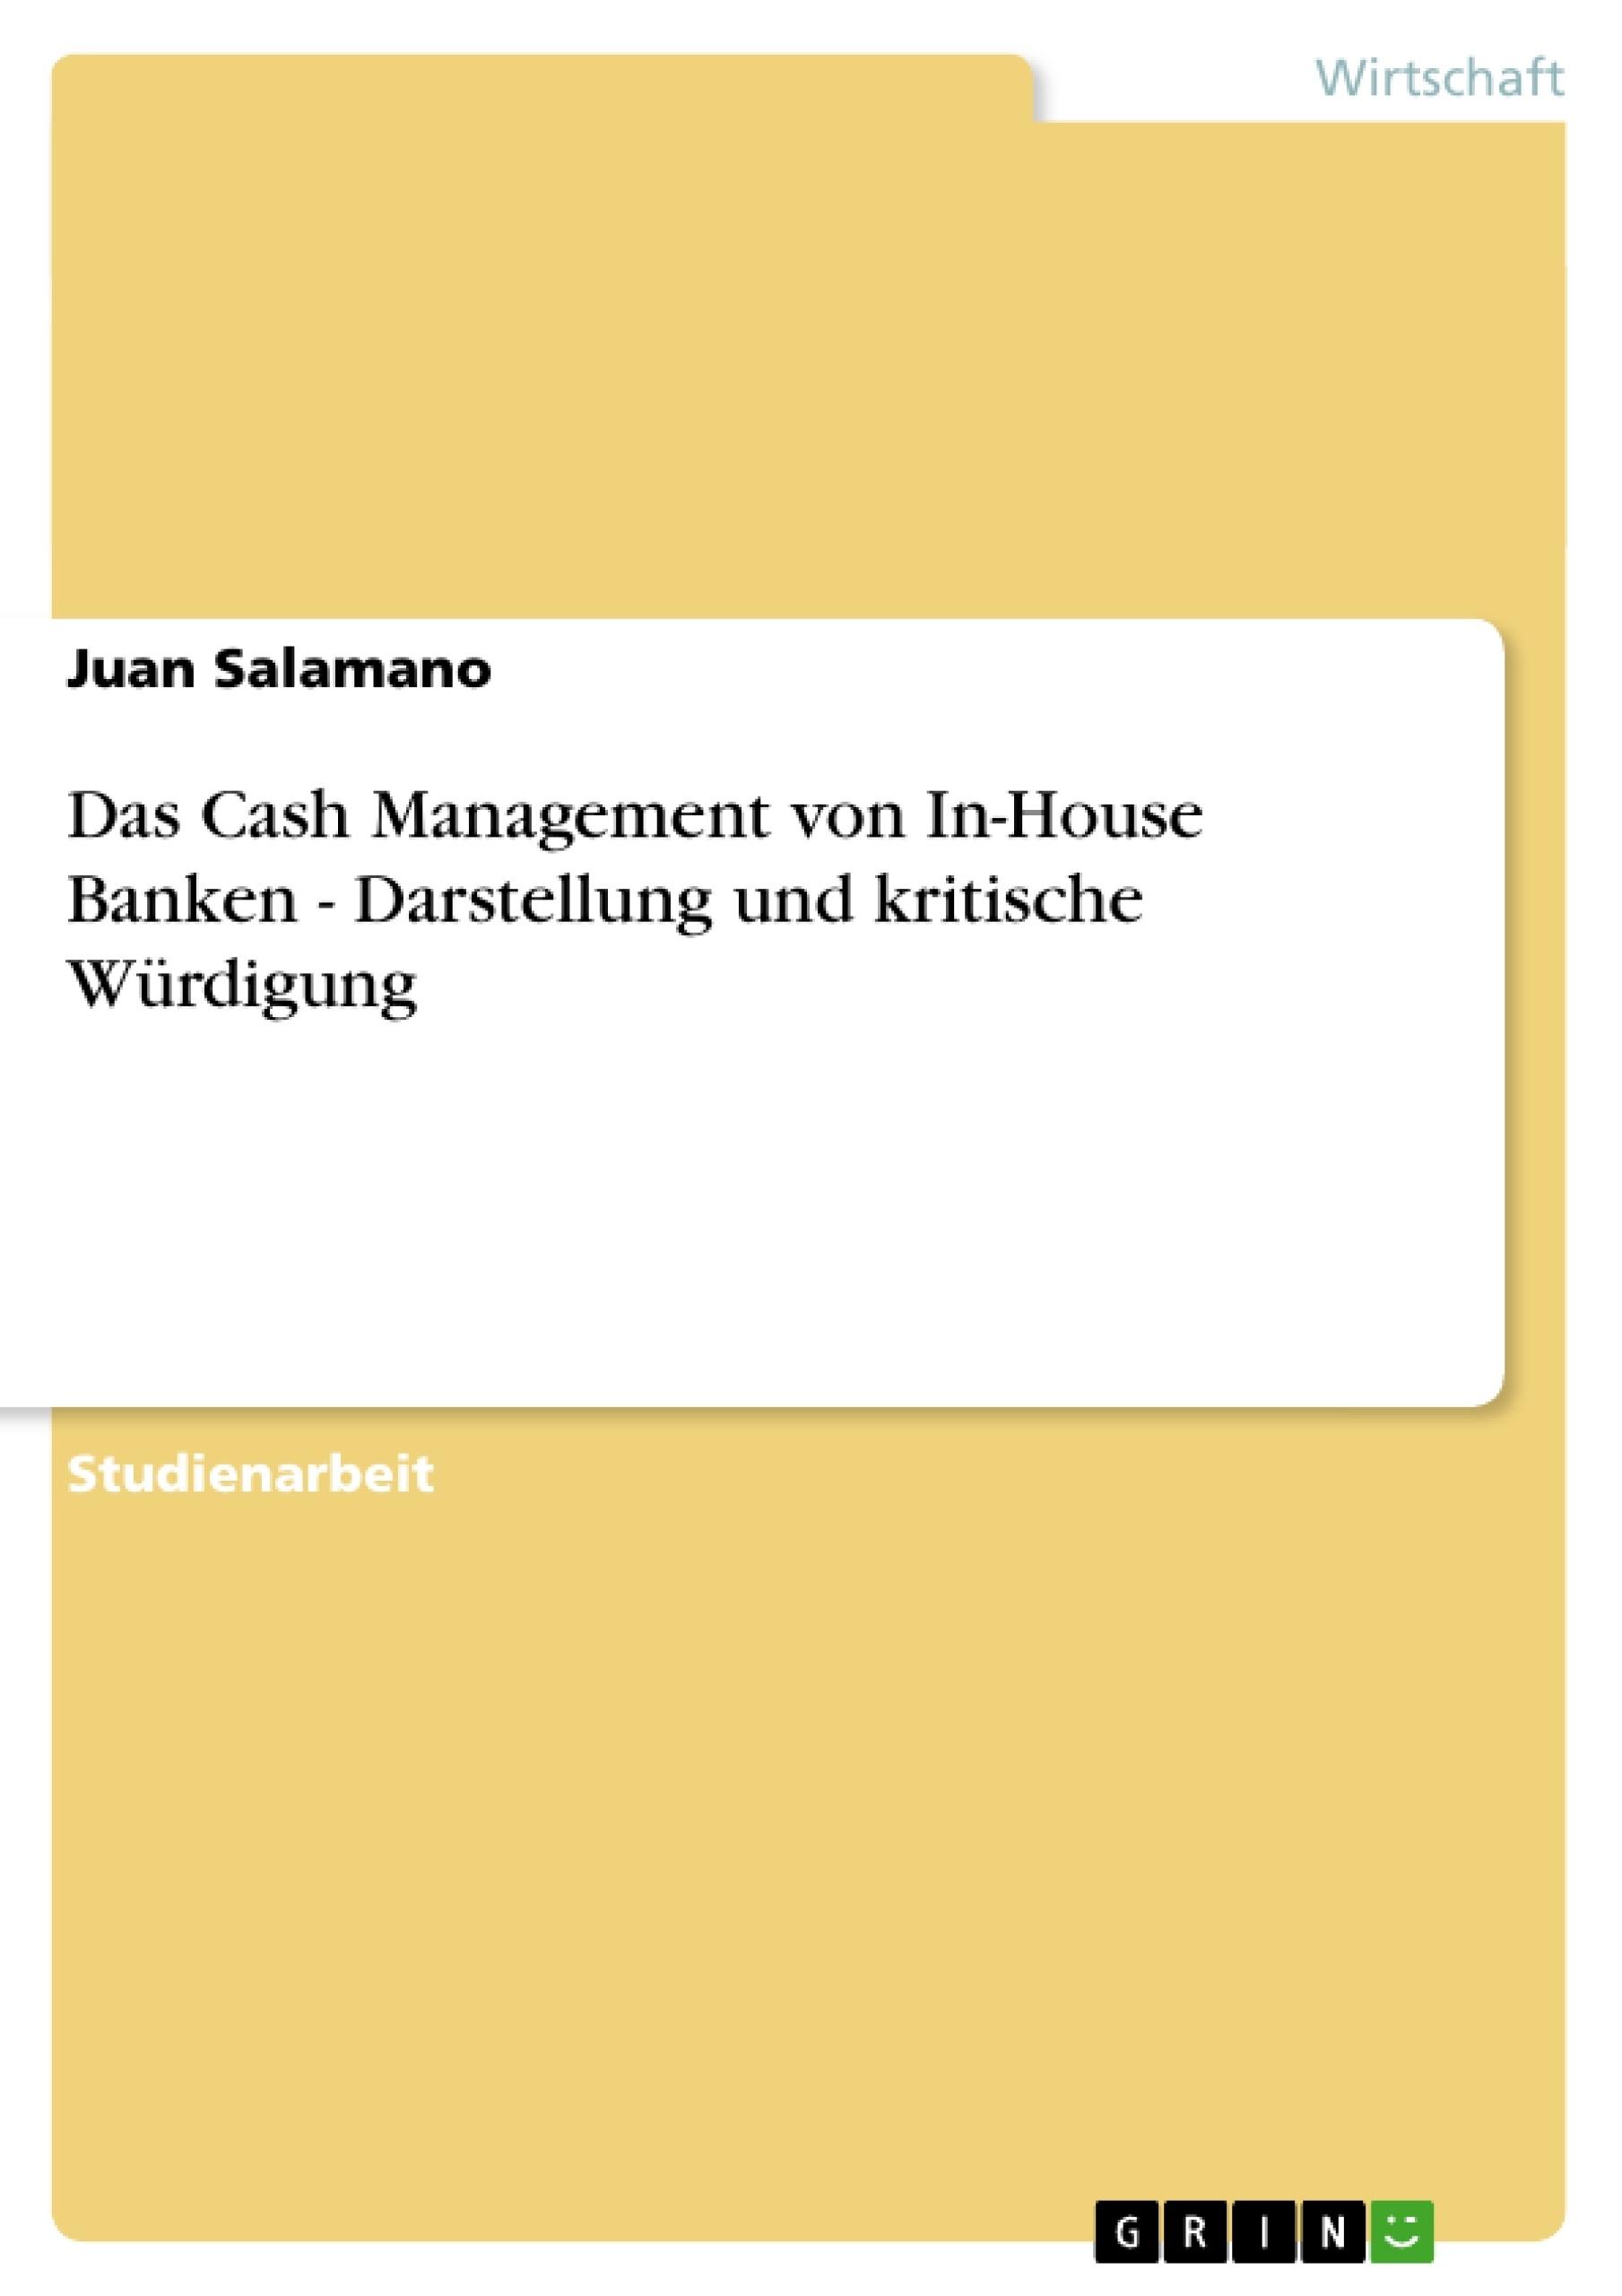 Titel: Das Cash Management von In-House Banken - Darstellung und kritische Würdigung